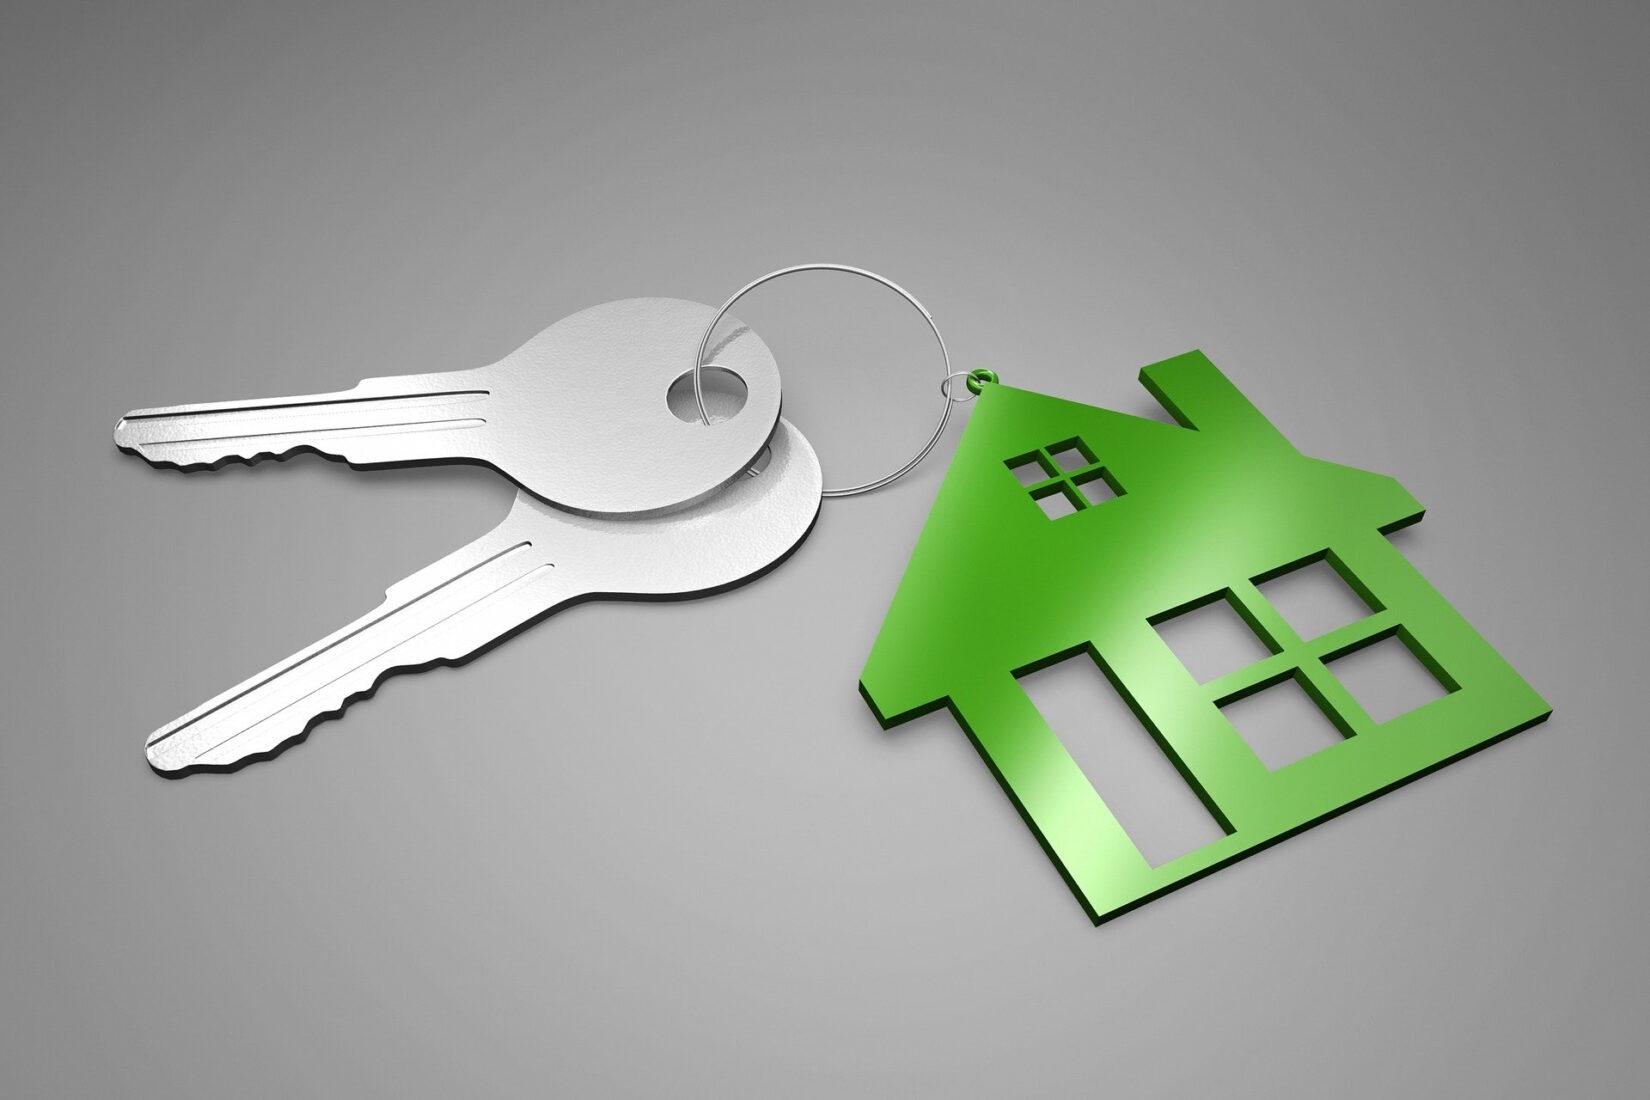 Wohneigentum umfasst komplette Häuser, aber auch einzelne Wohneinheiten. Foto: Pixabay